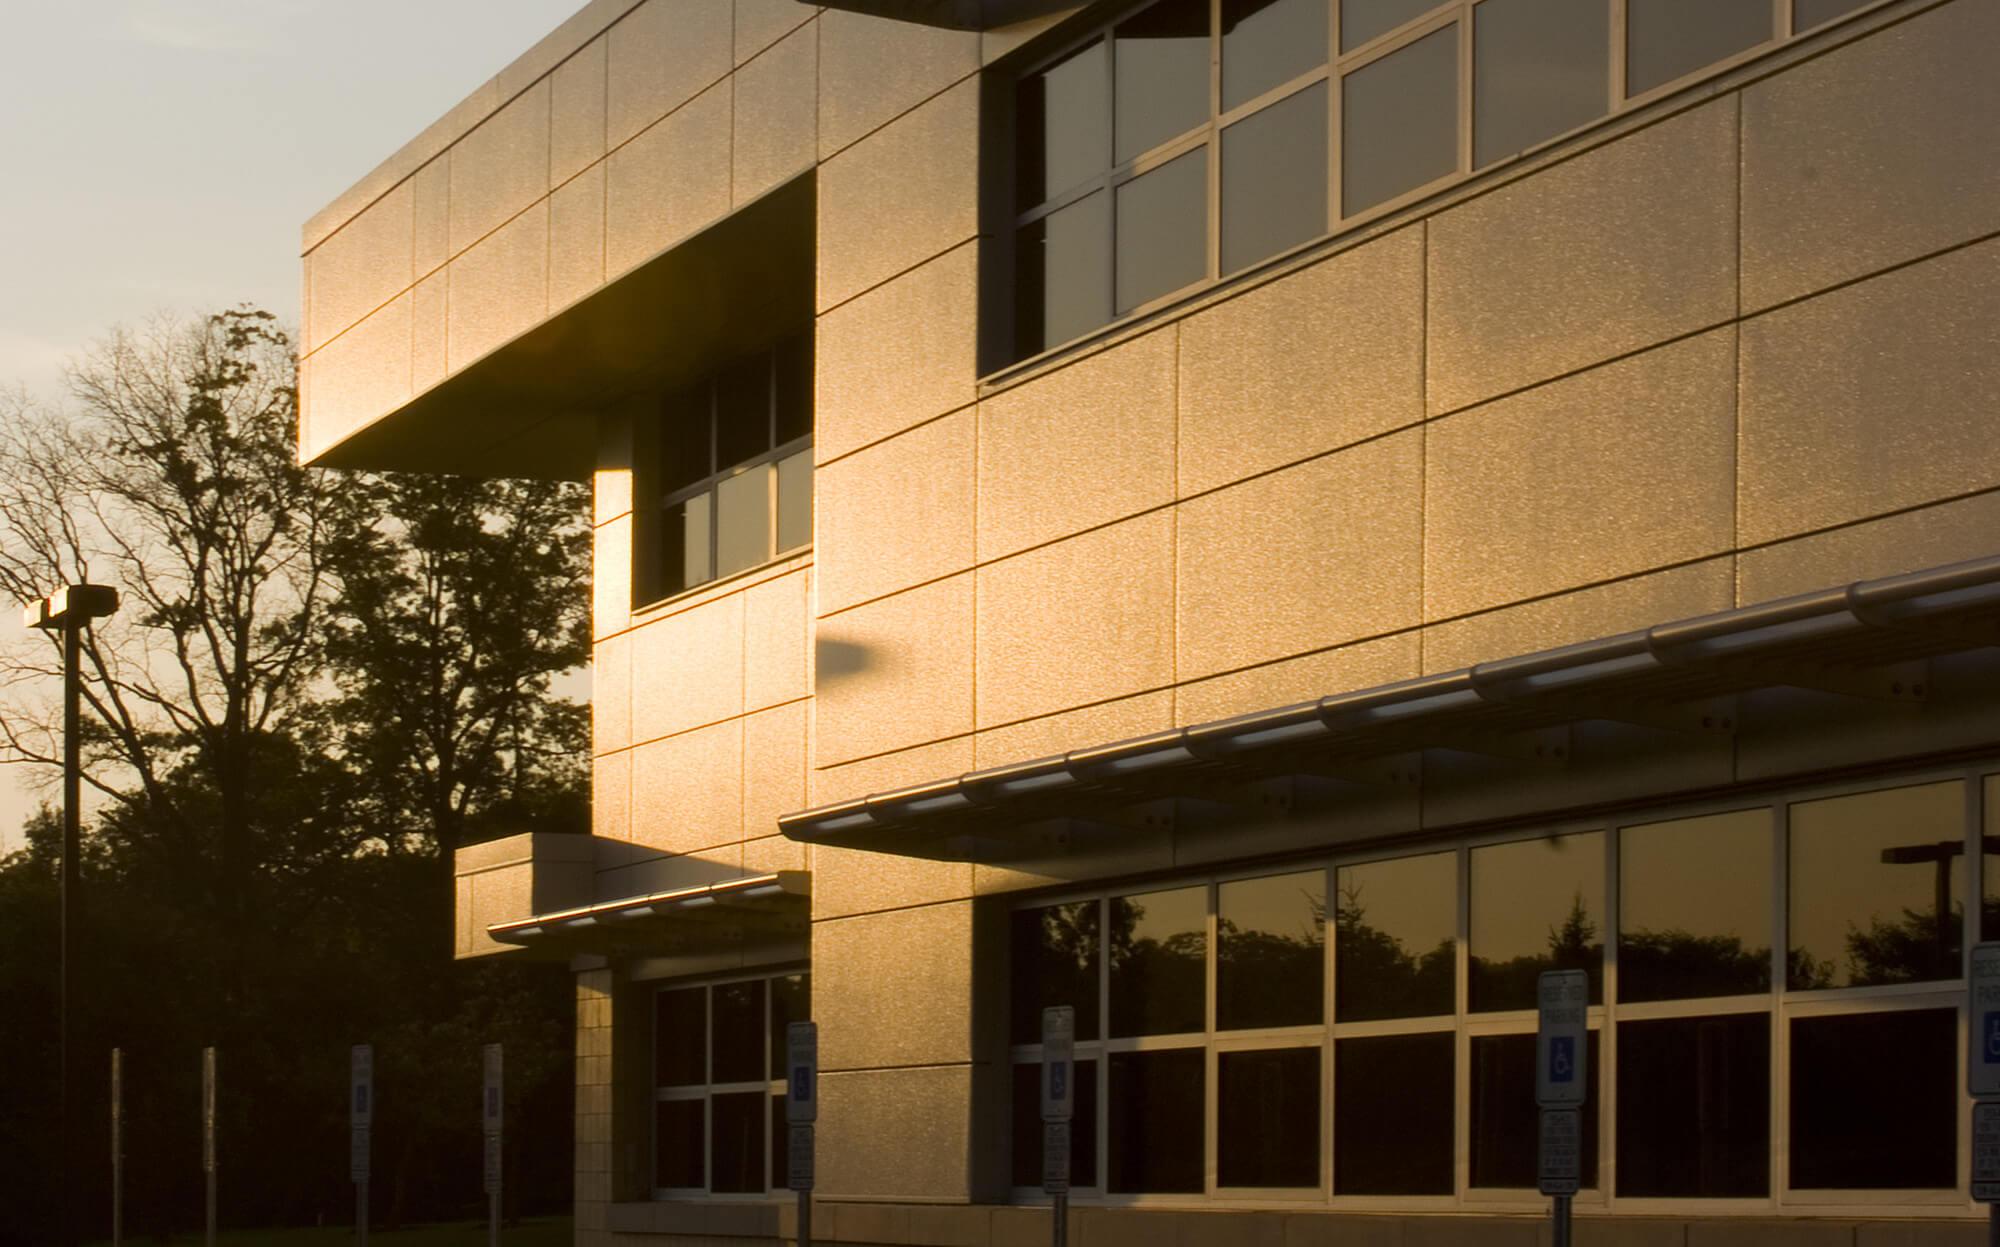 Community College Architecture 2